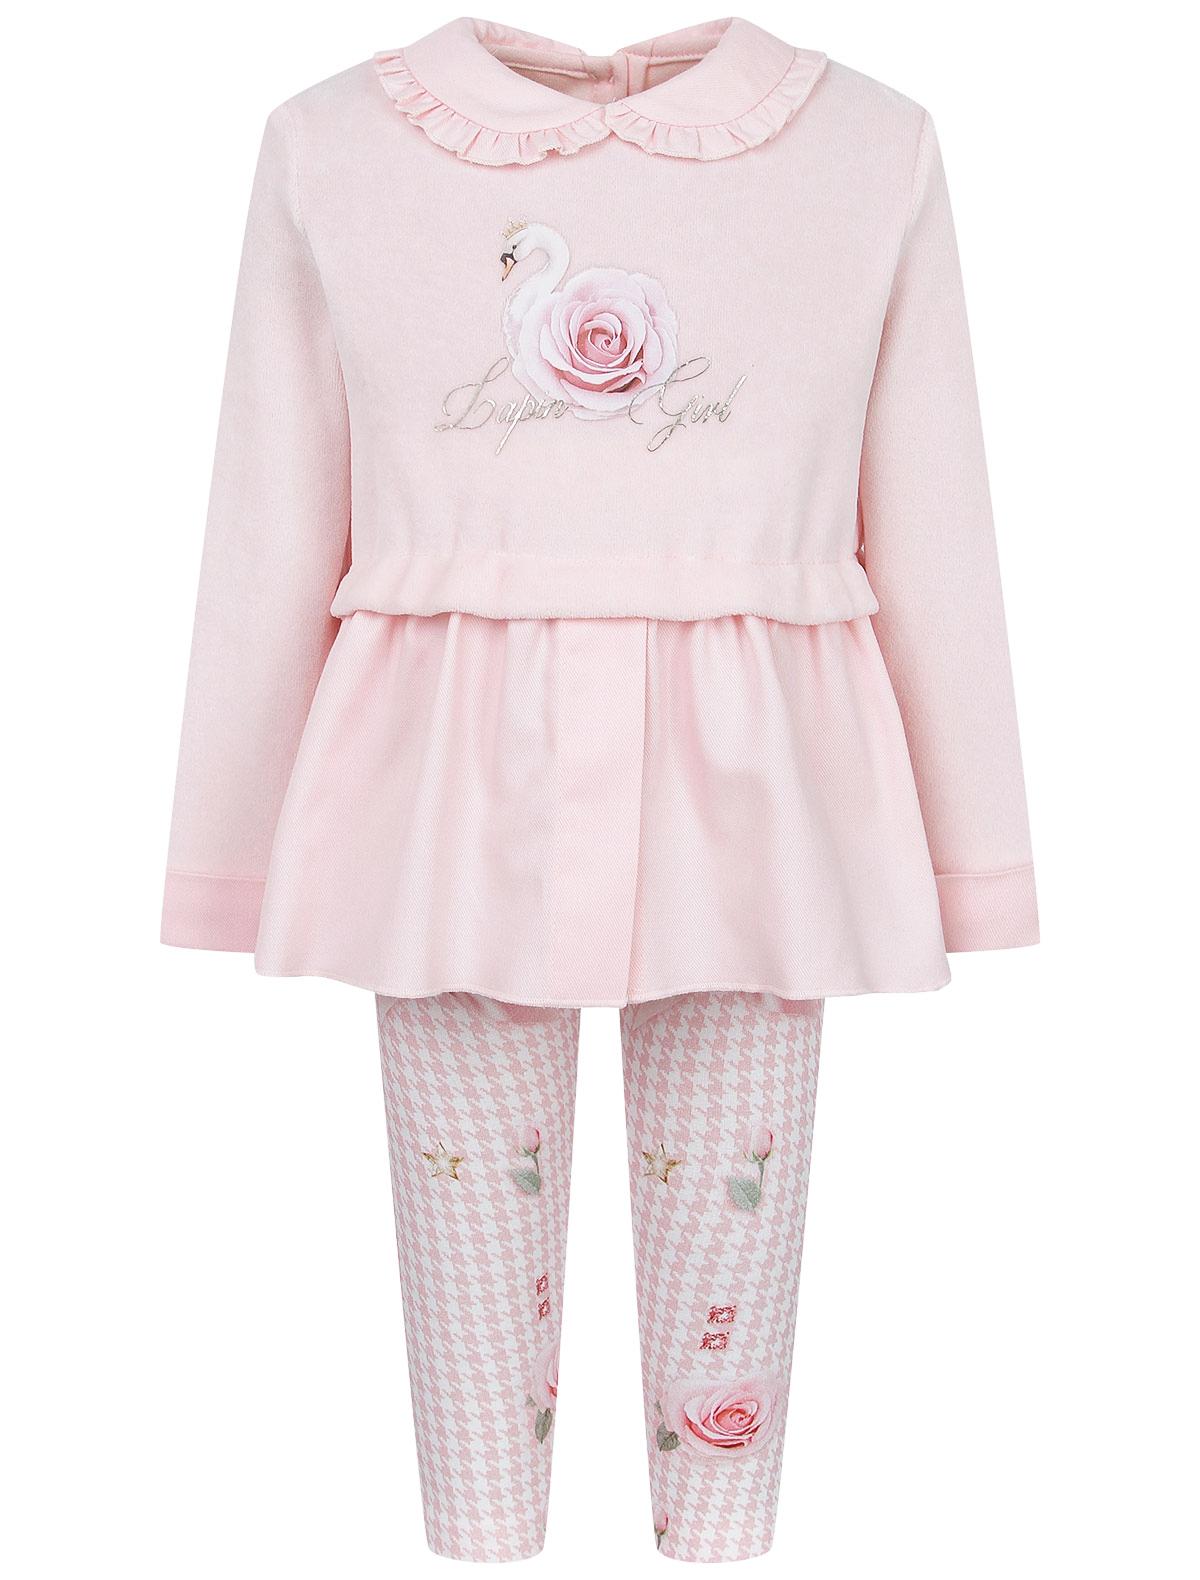 Купить 2345116, Комплект из 2 шт. Lapin House, розовый, Женский, 3024509181258